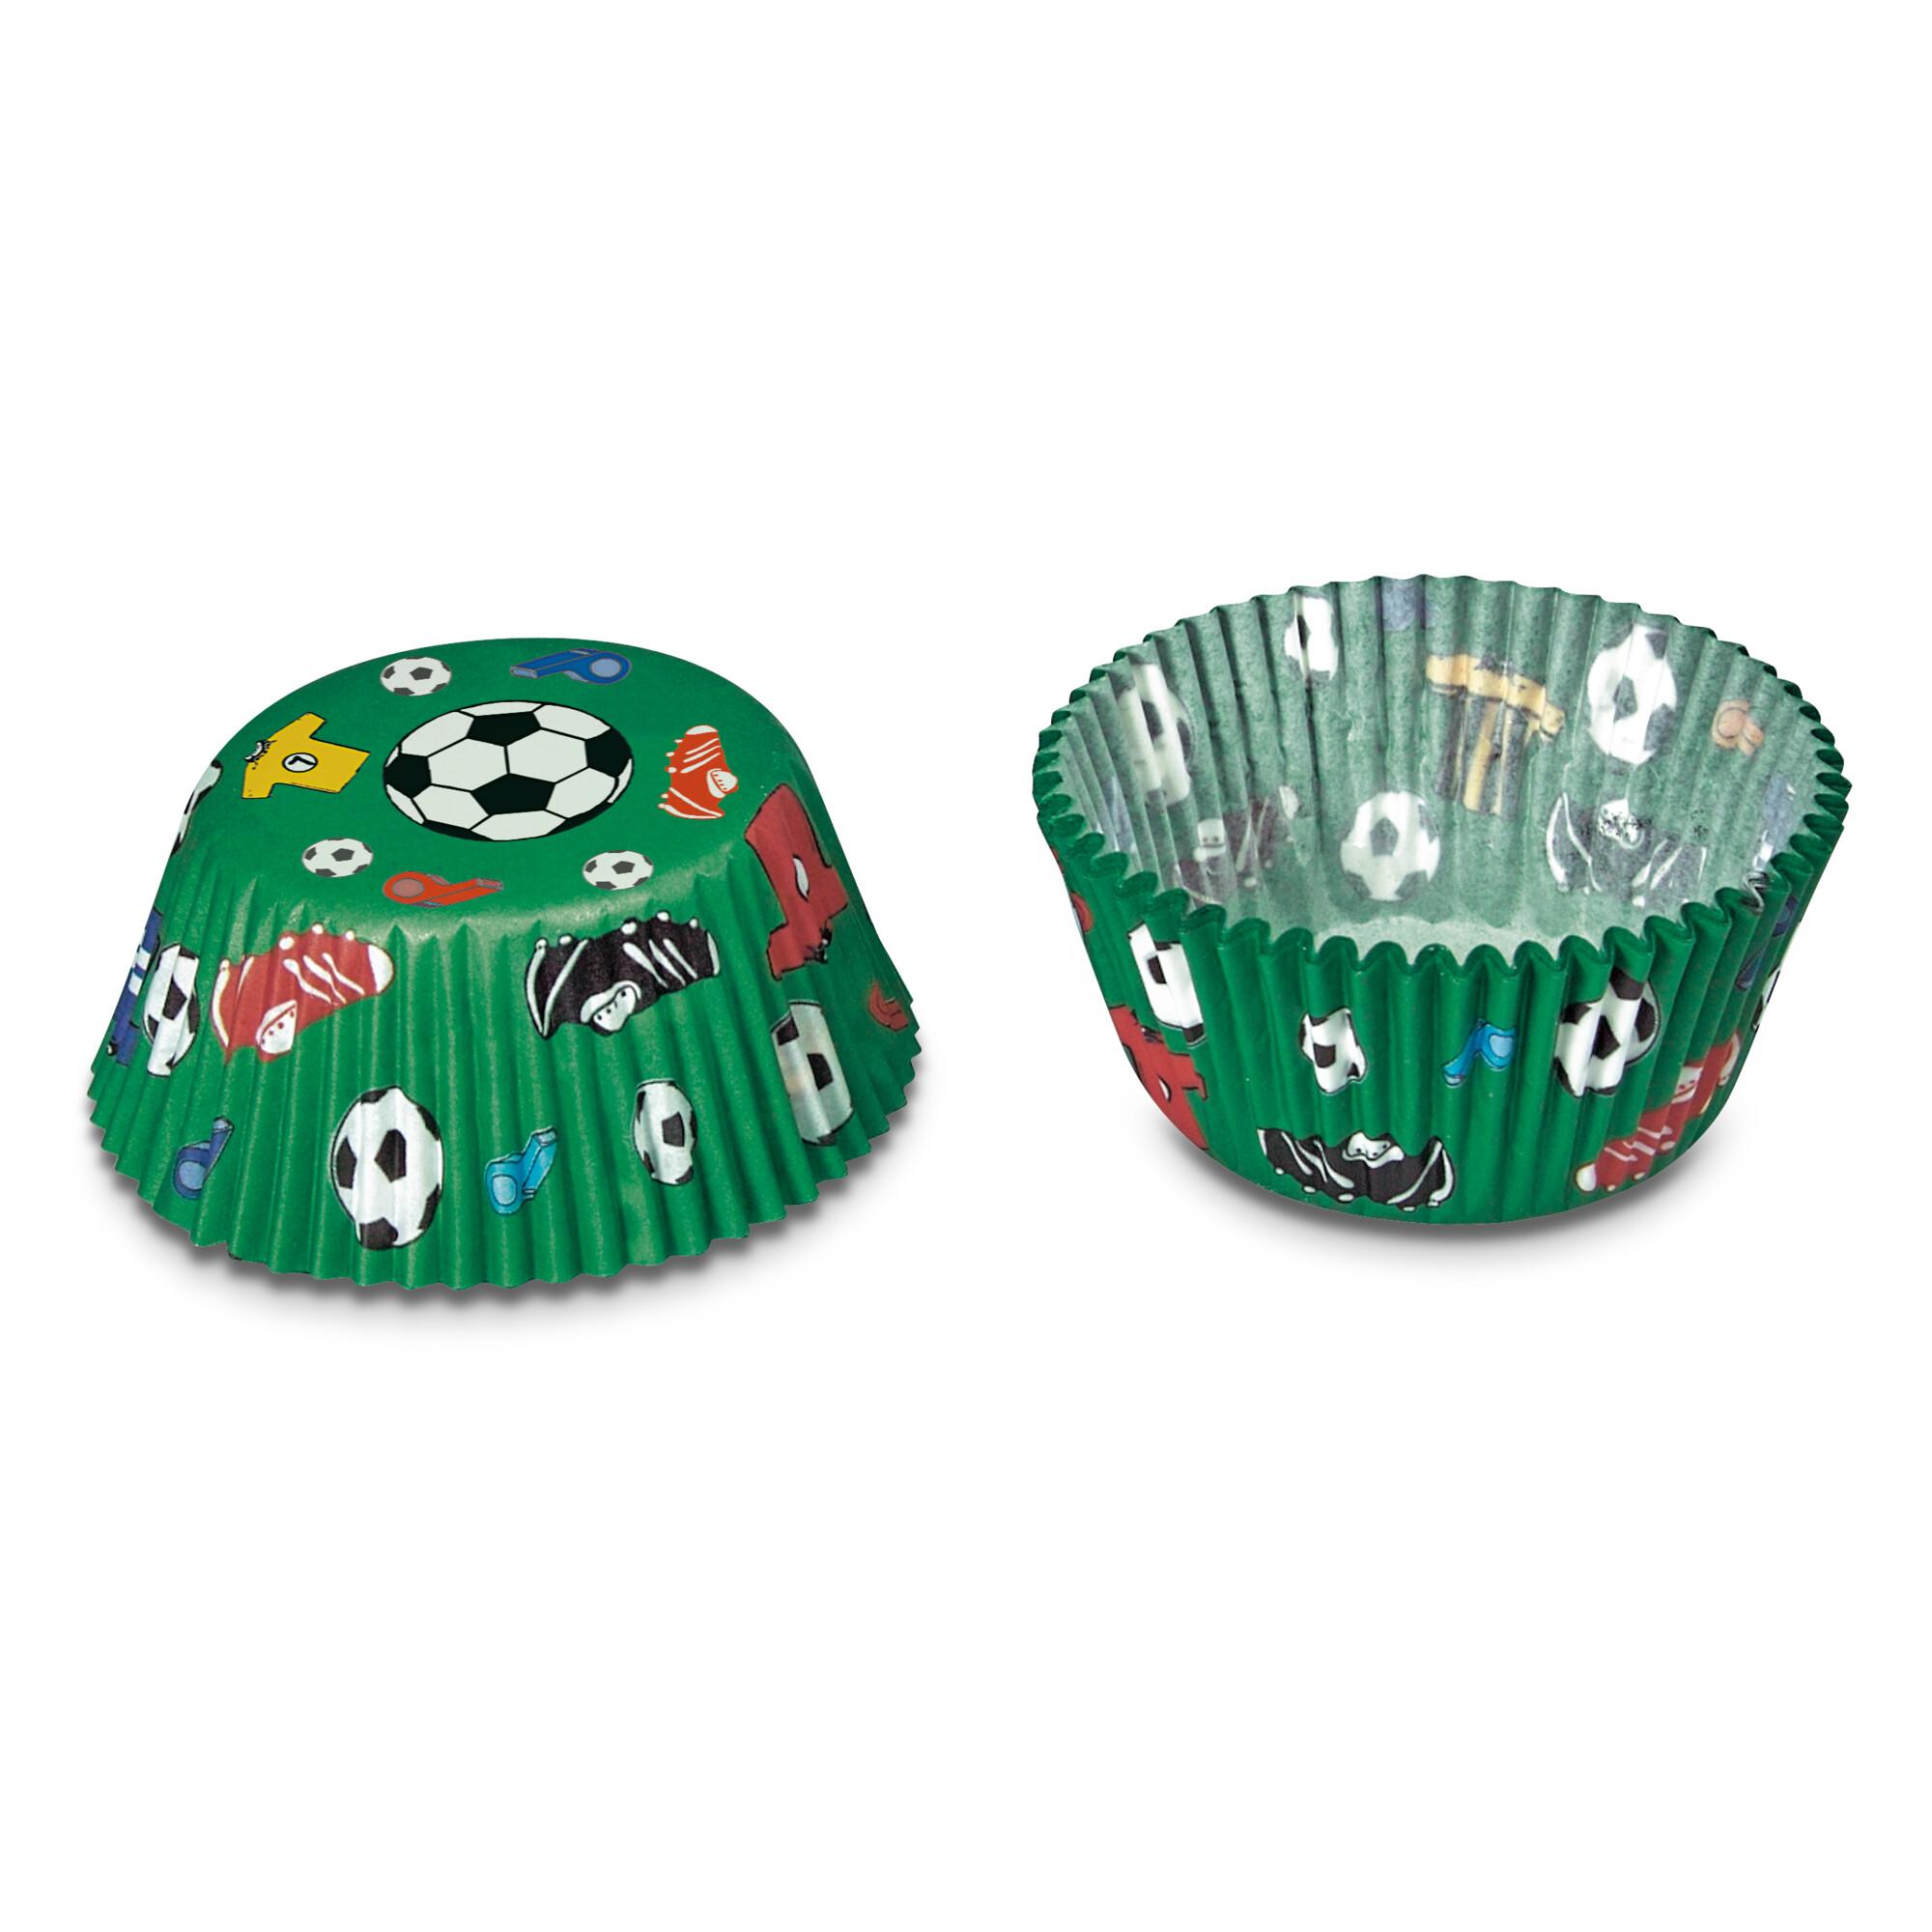 Papier-Backförmchen - Fußball - Mini - 50 Stück